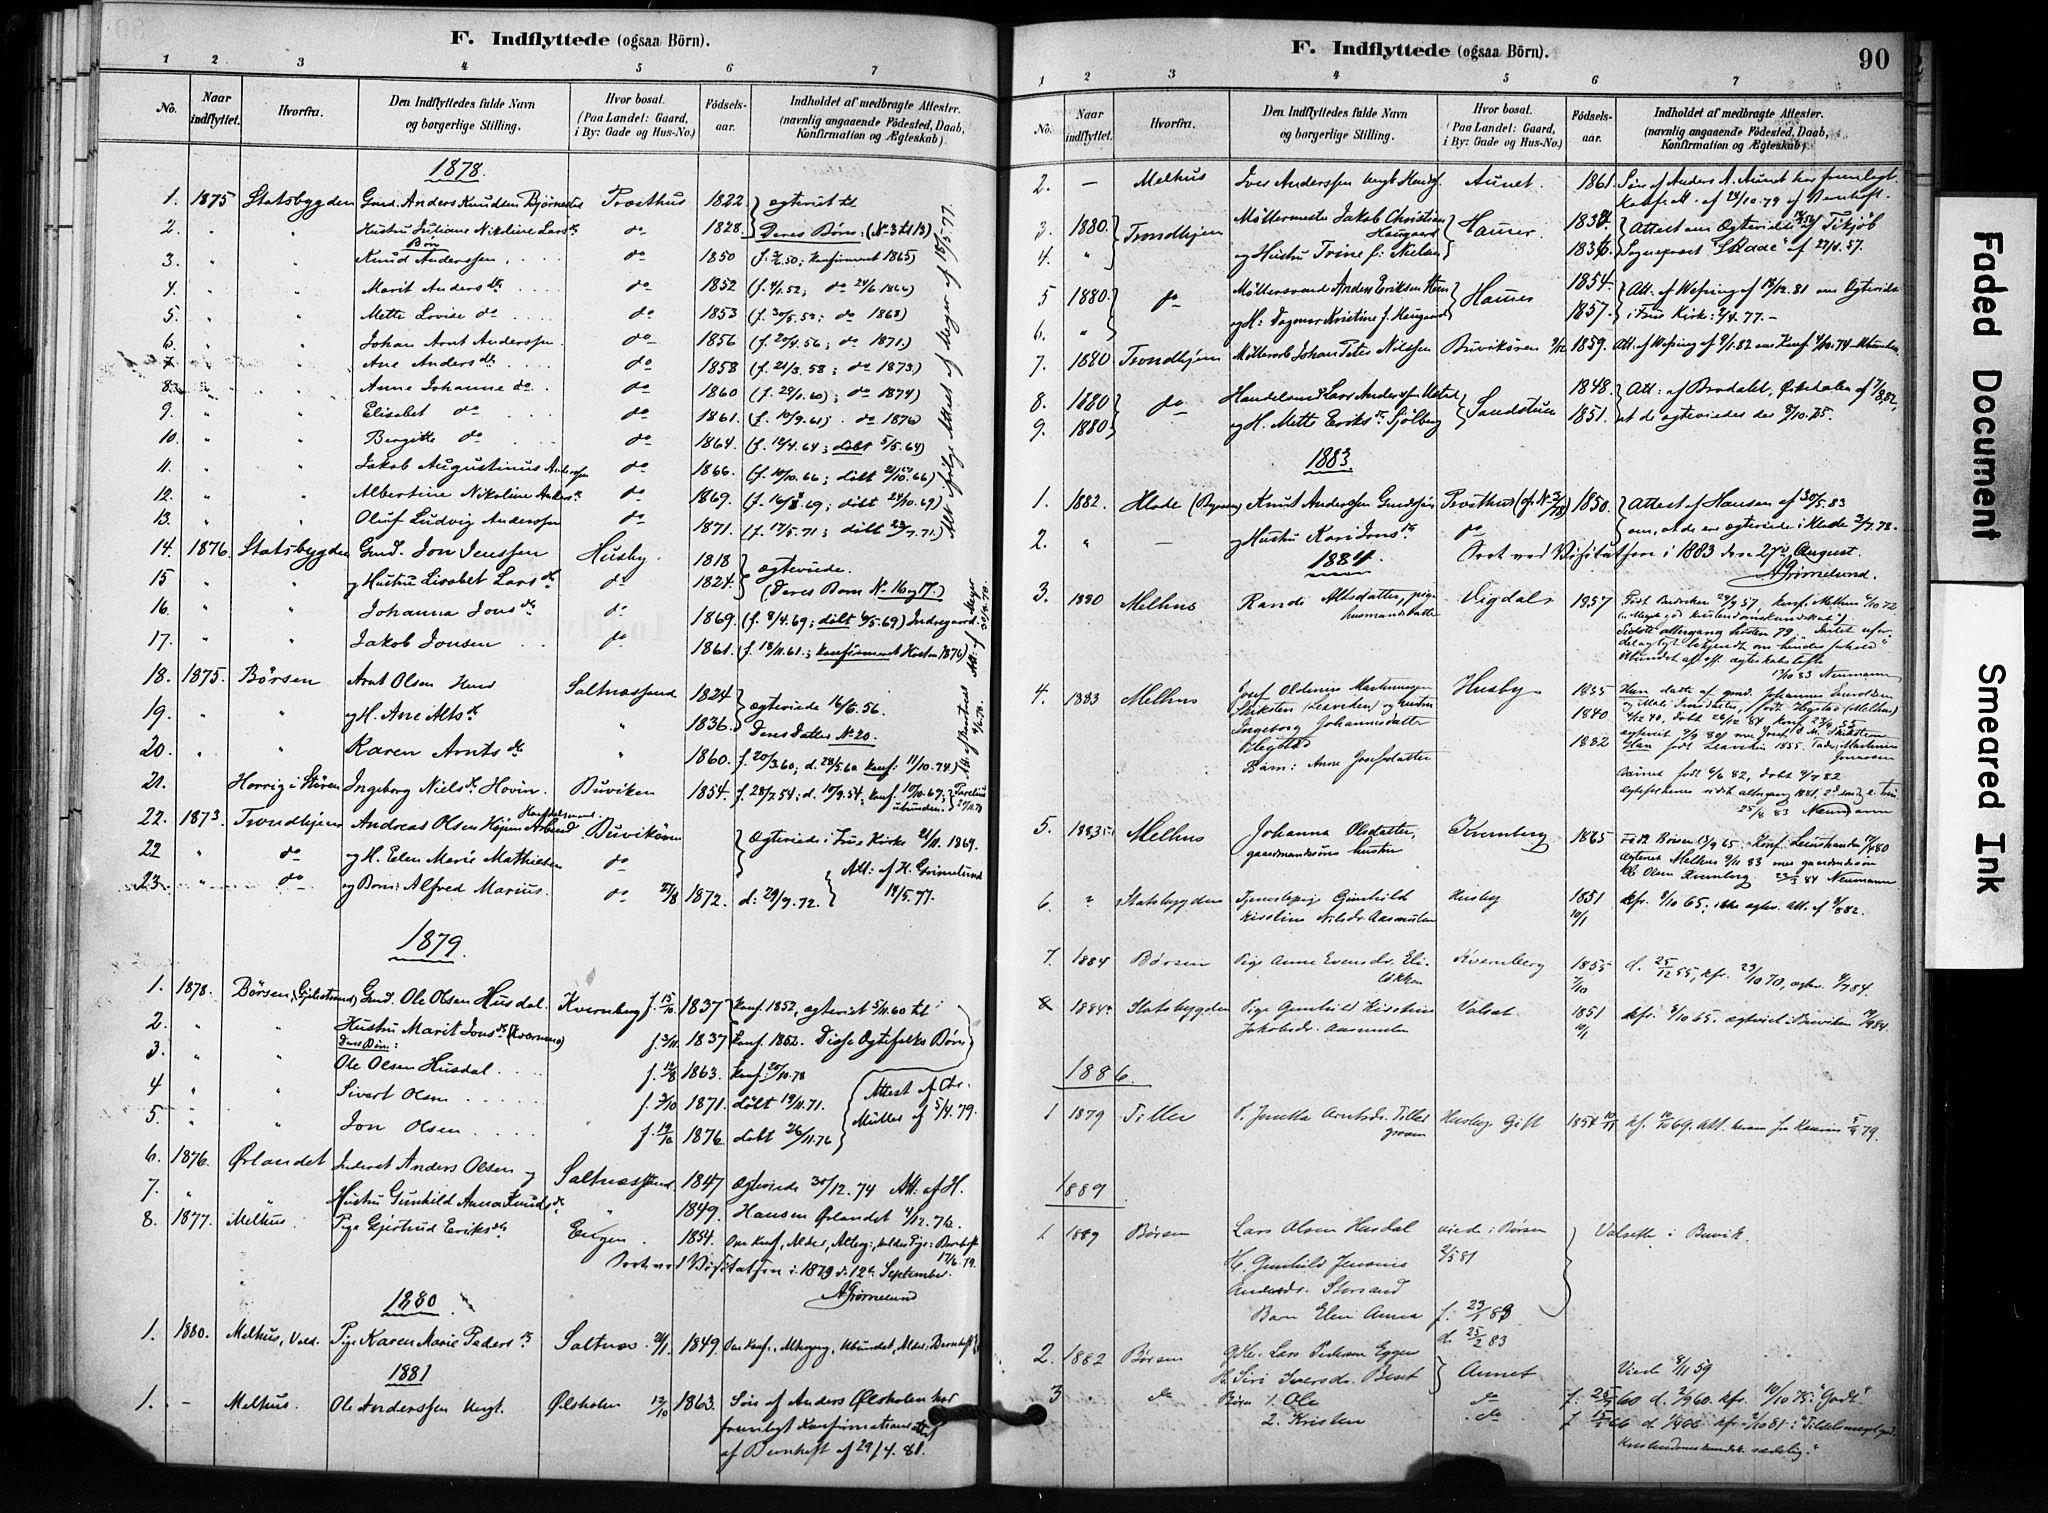 SAT, Ministerialprotokoller, klokkerbøker og fødselsregistre - Sør-Trøndelag, 666/L0786: Ministerialbok nr. 666A04, 1878-1895, s. 90